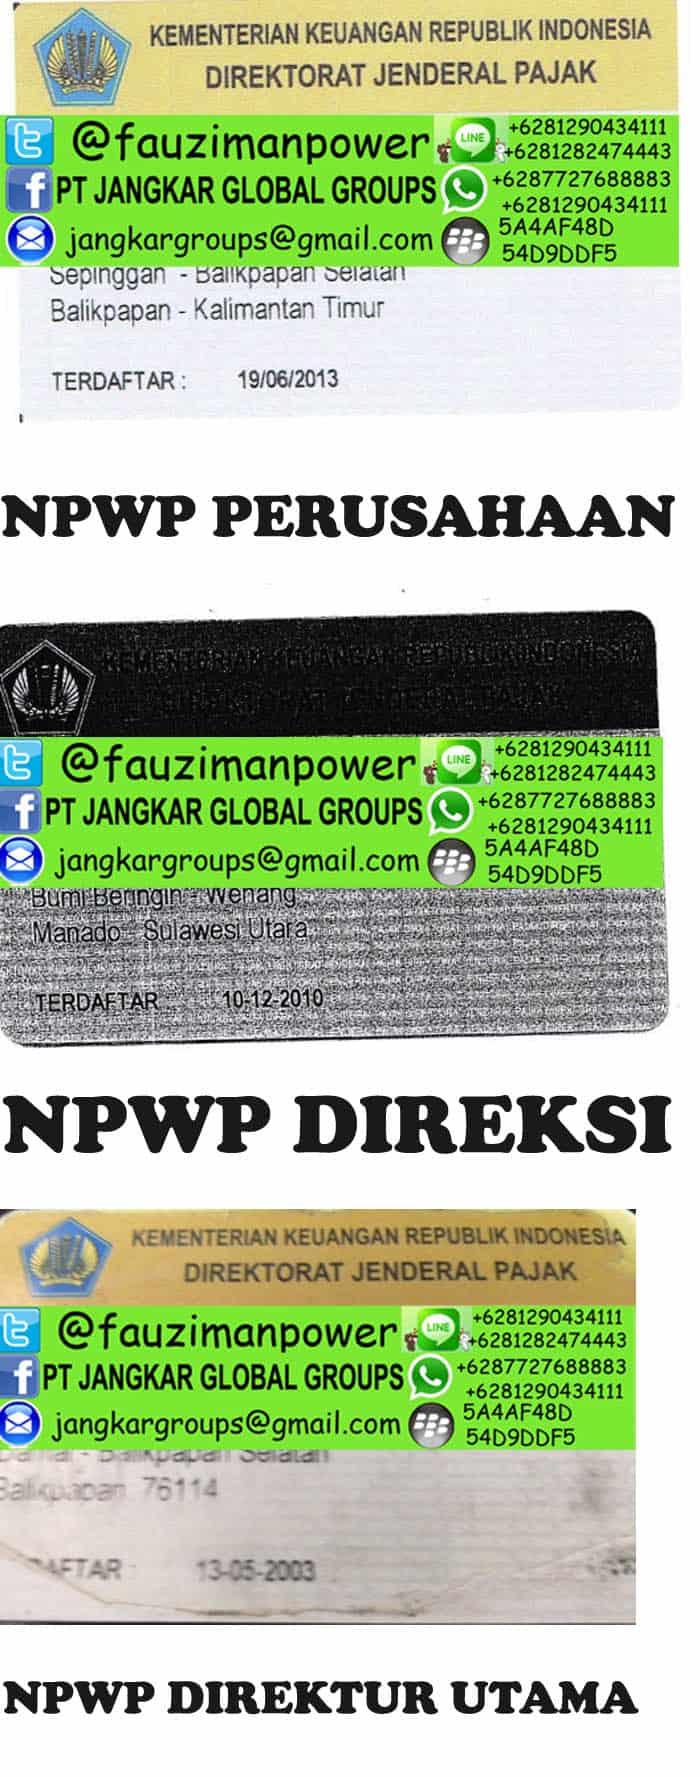 npwp perusahaan direksi dan dirut